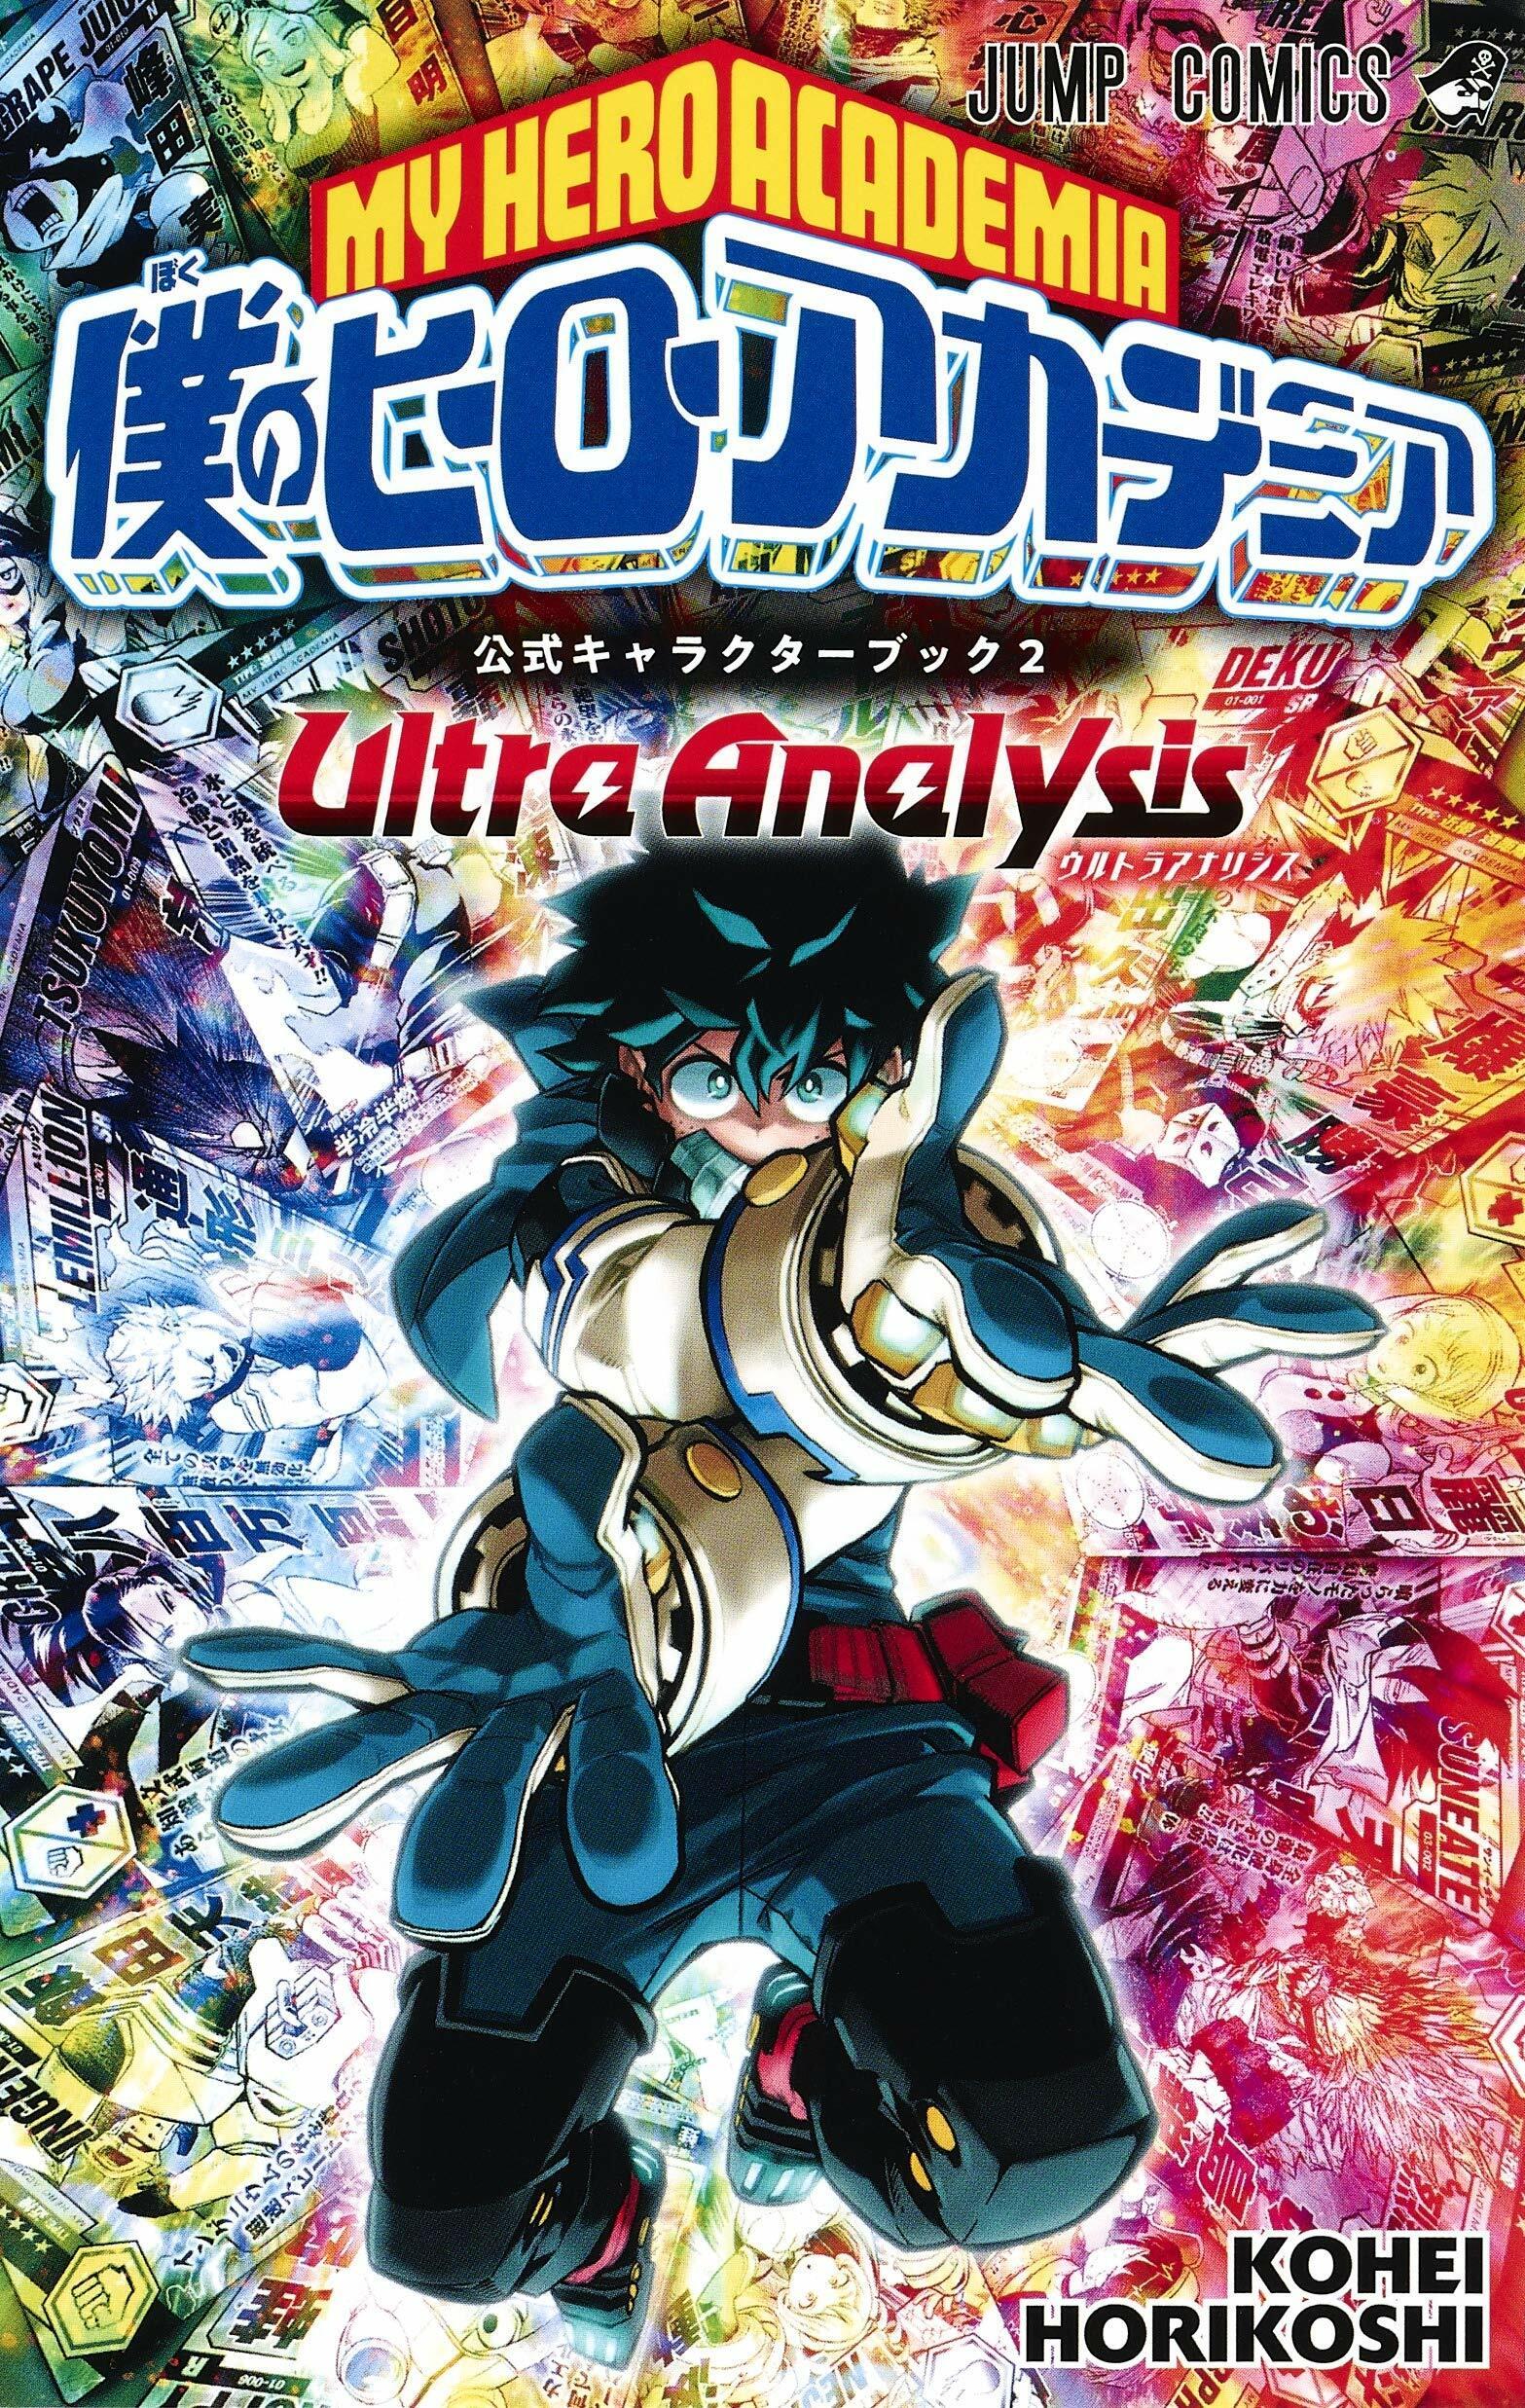 僕のヒ-ロ-アカデミア 公式キャラクタ-ブック2 Ultra Analysis (ジャンプコミックス)